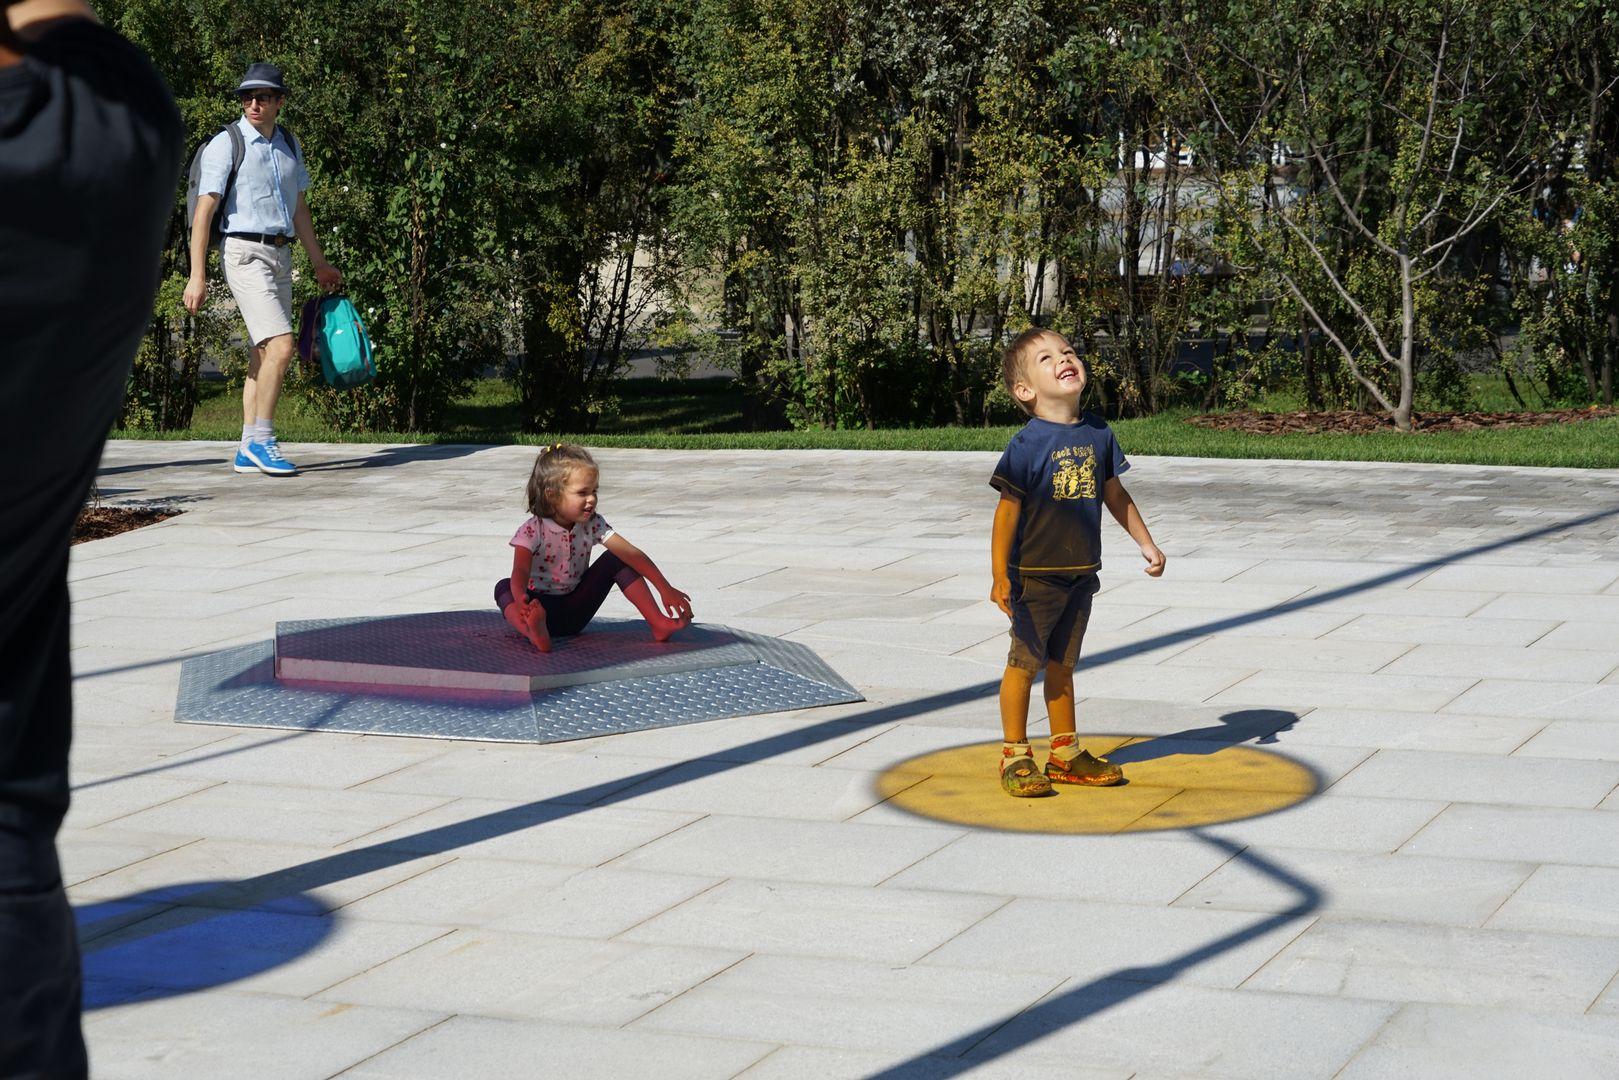 Новая детская площадка «Салют» в парке Горького. Калейдоскоп